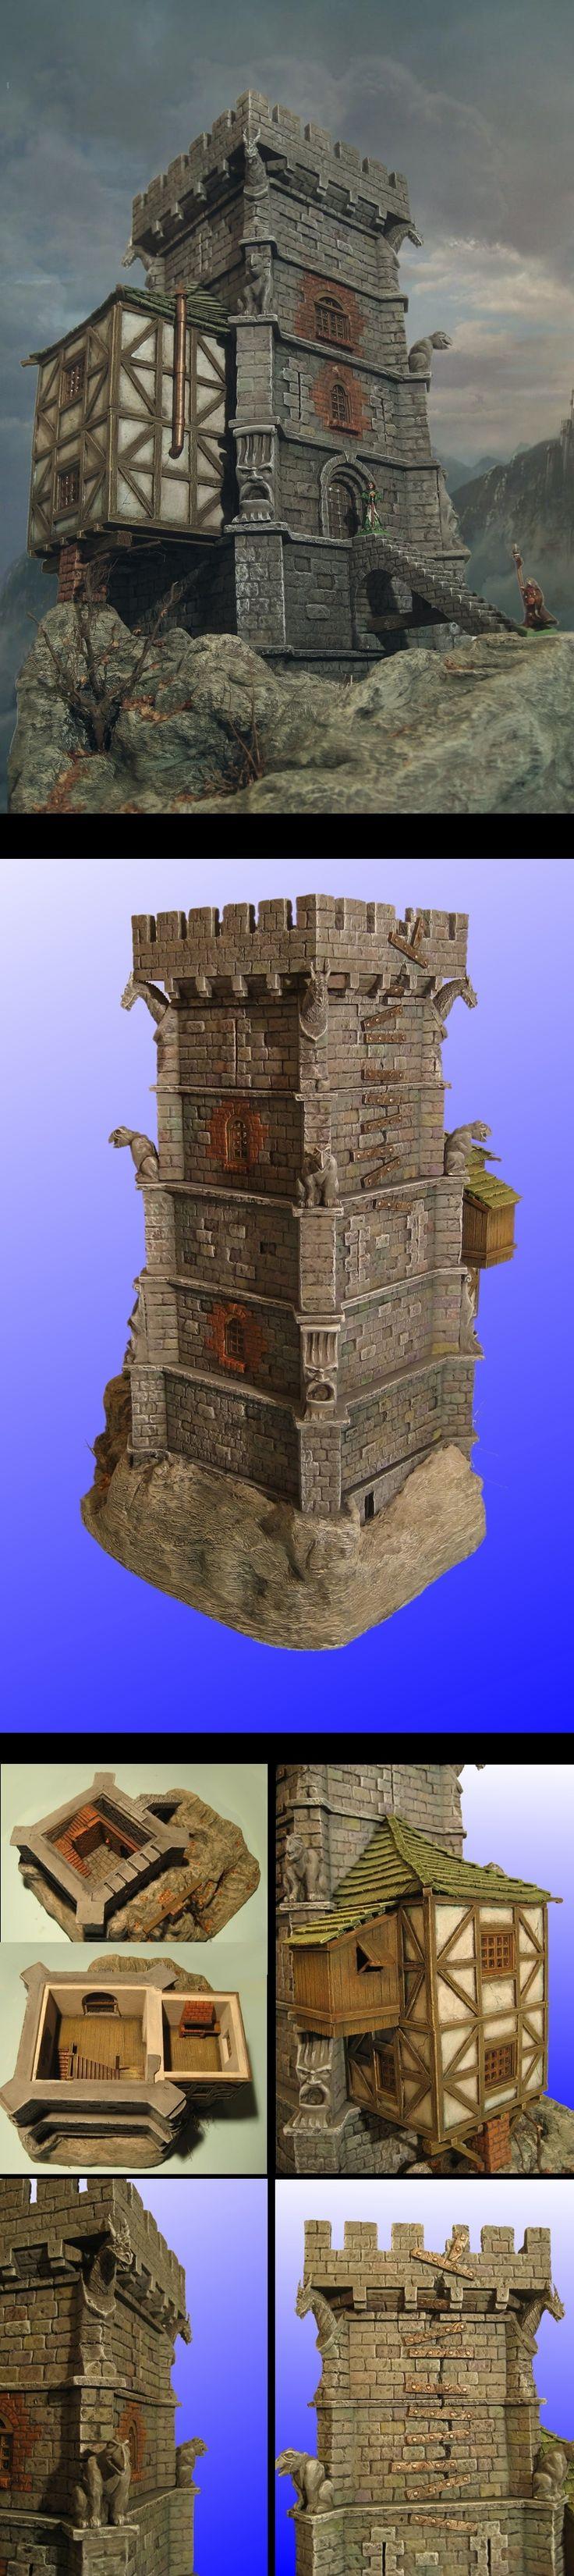 Scratch built tower